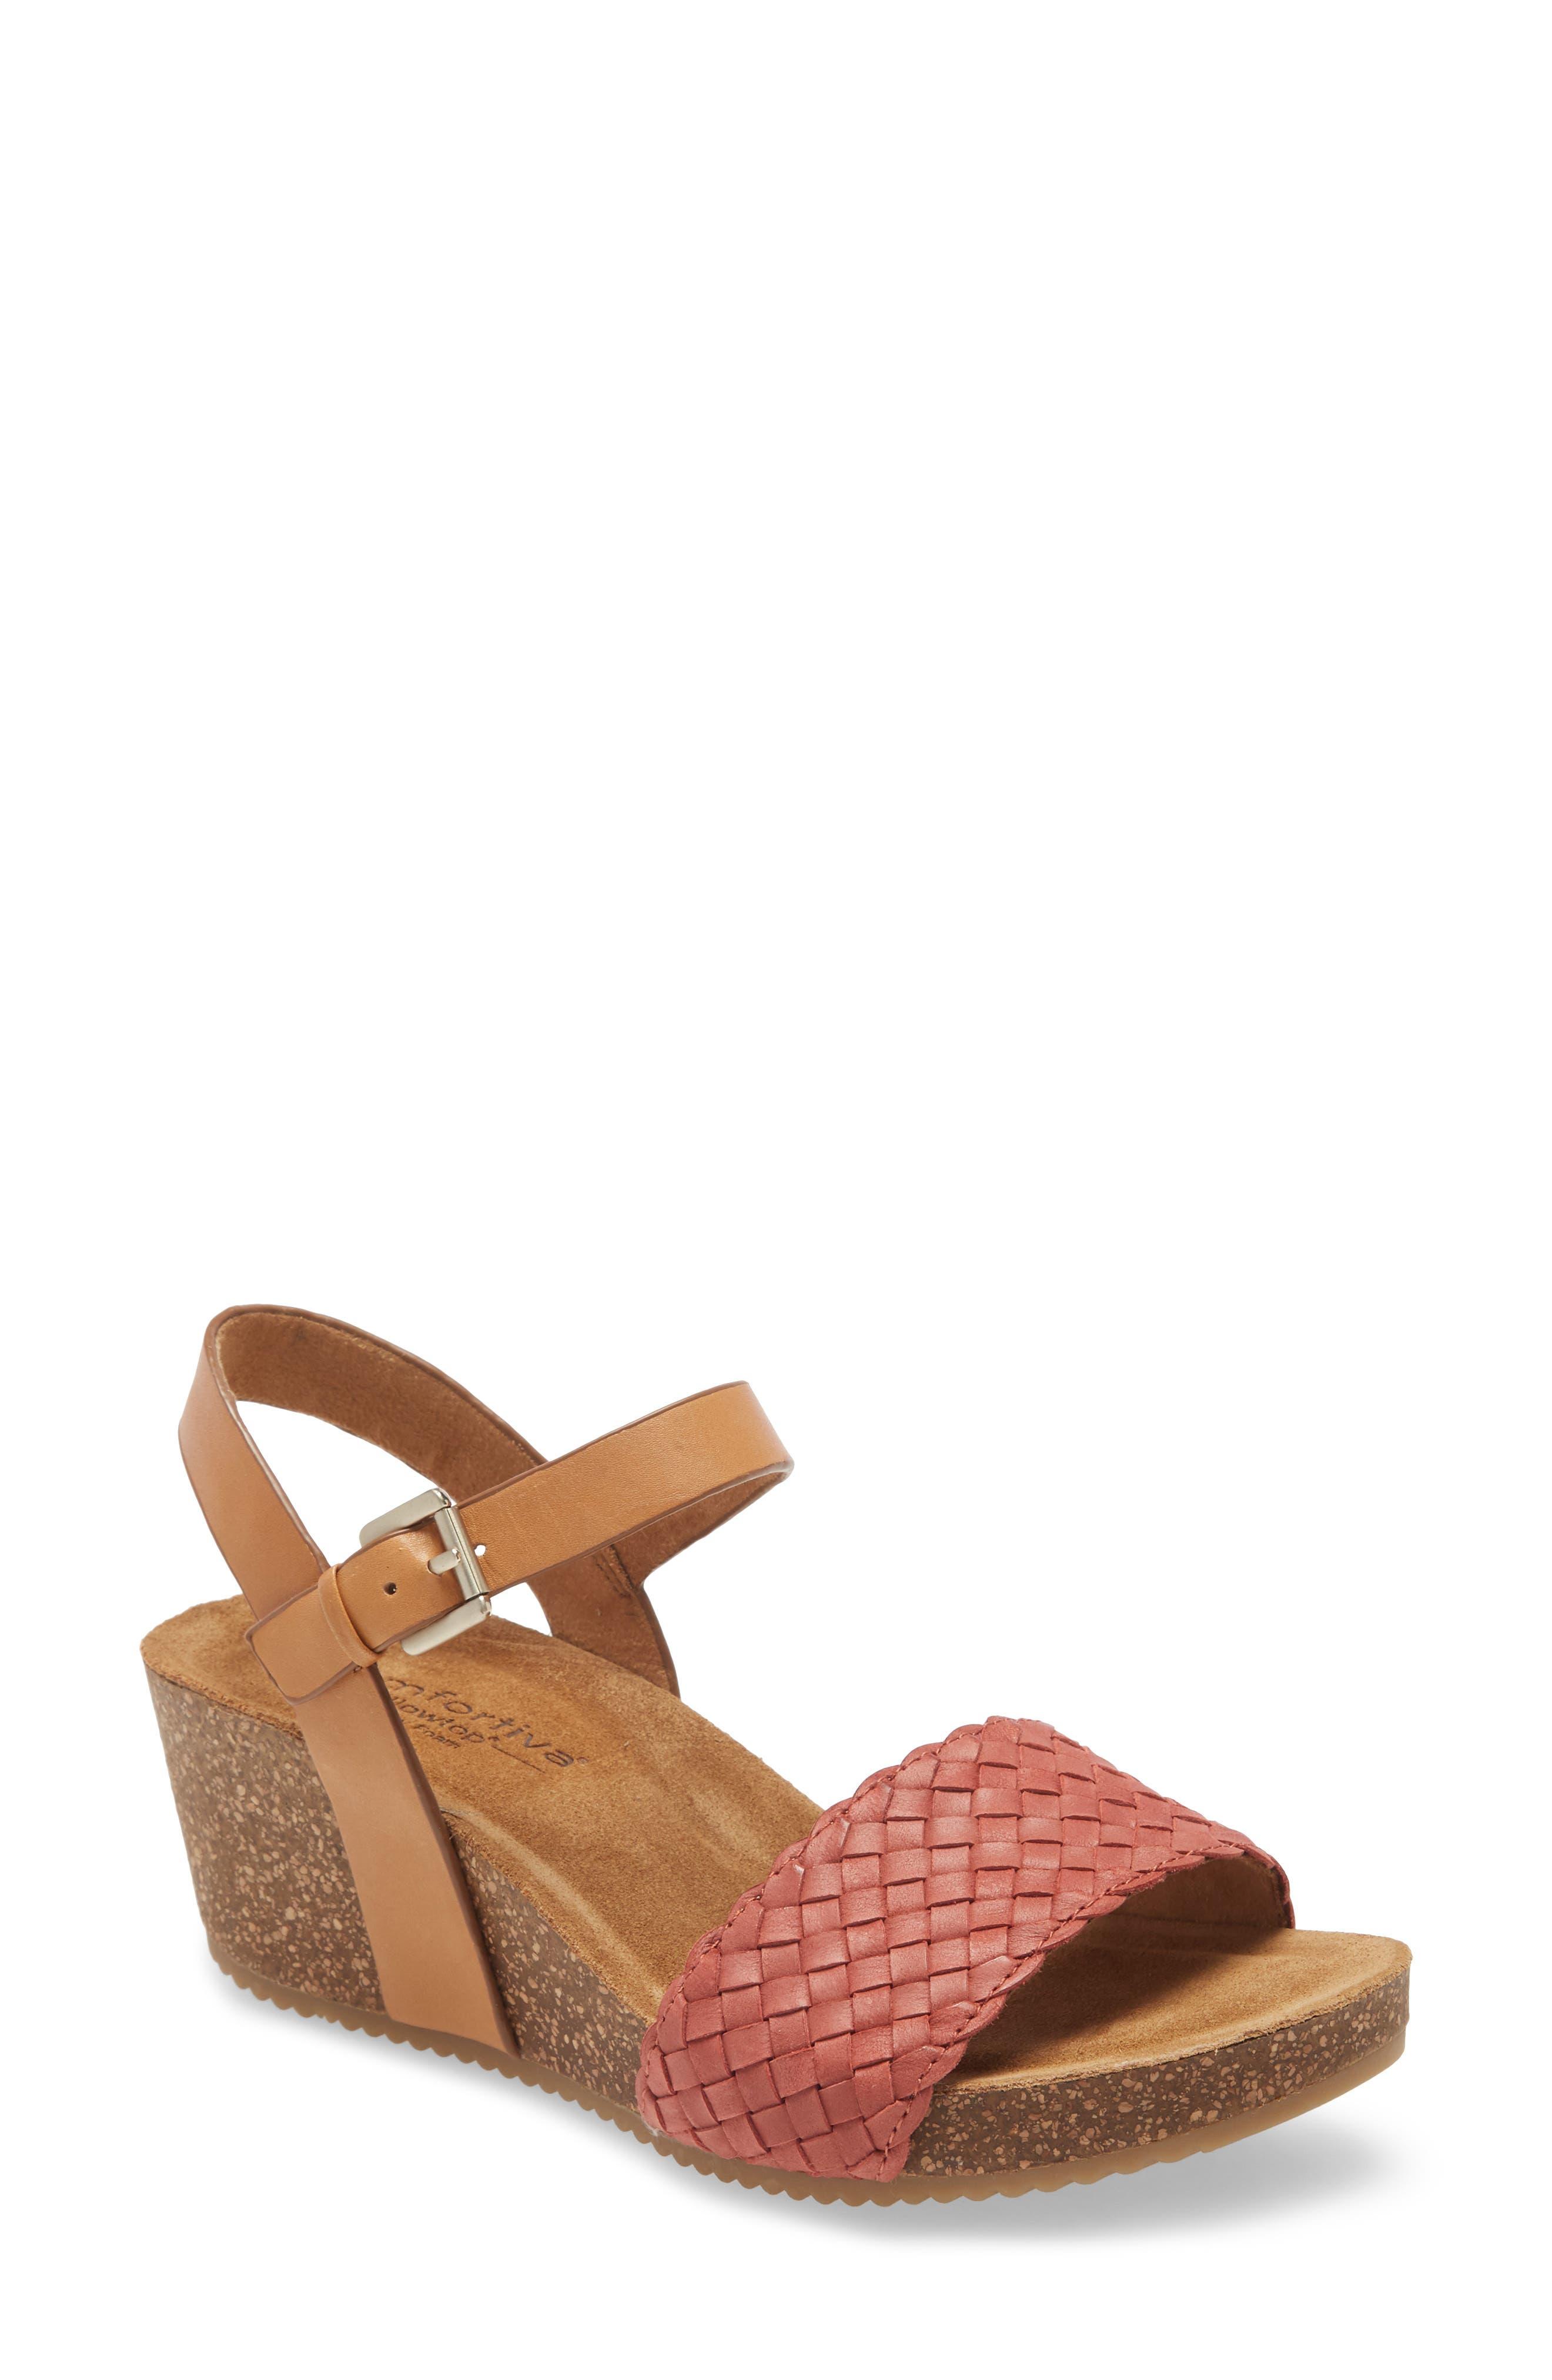 Eshana Wedge Sandal